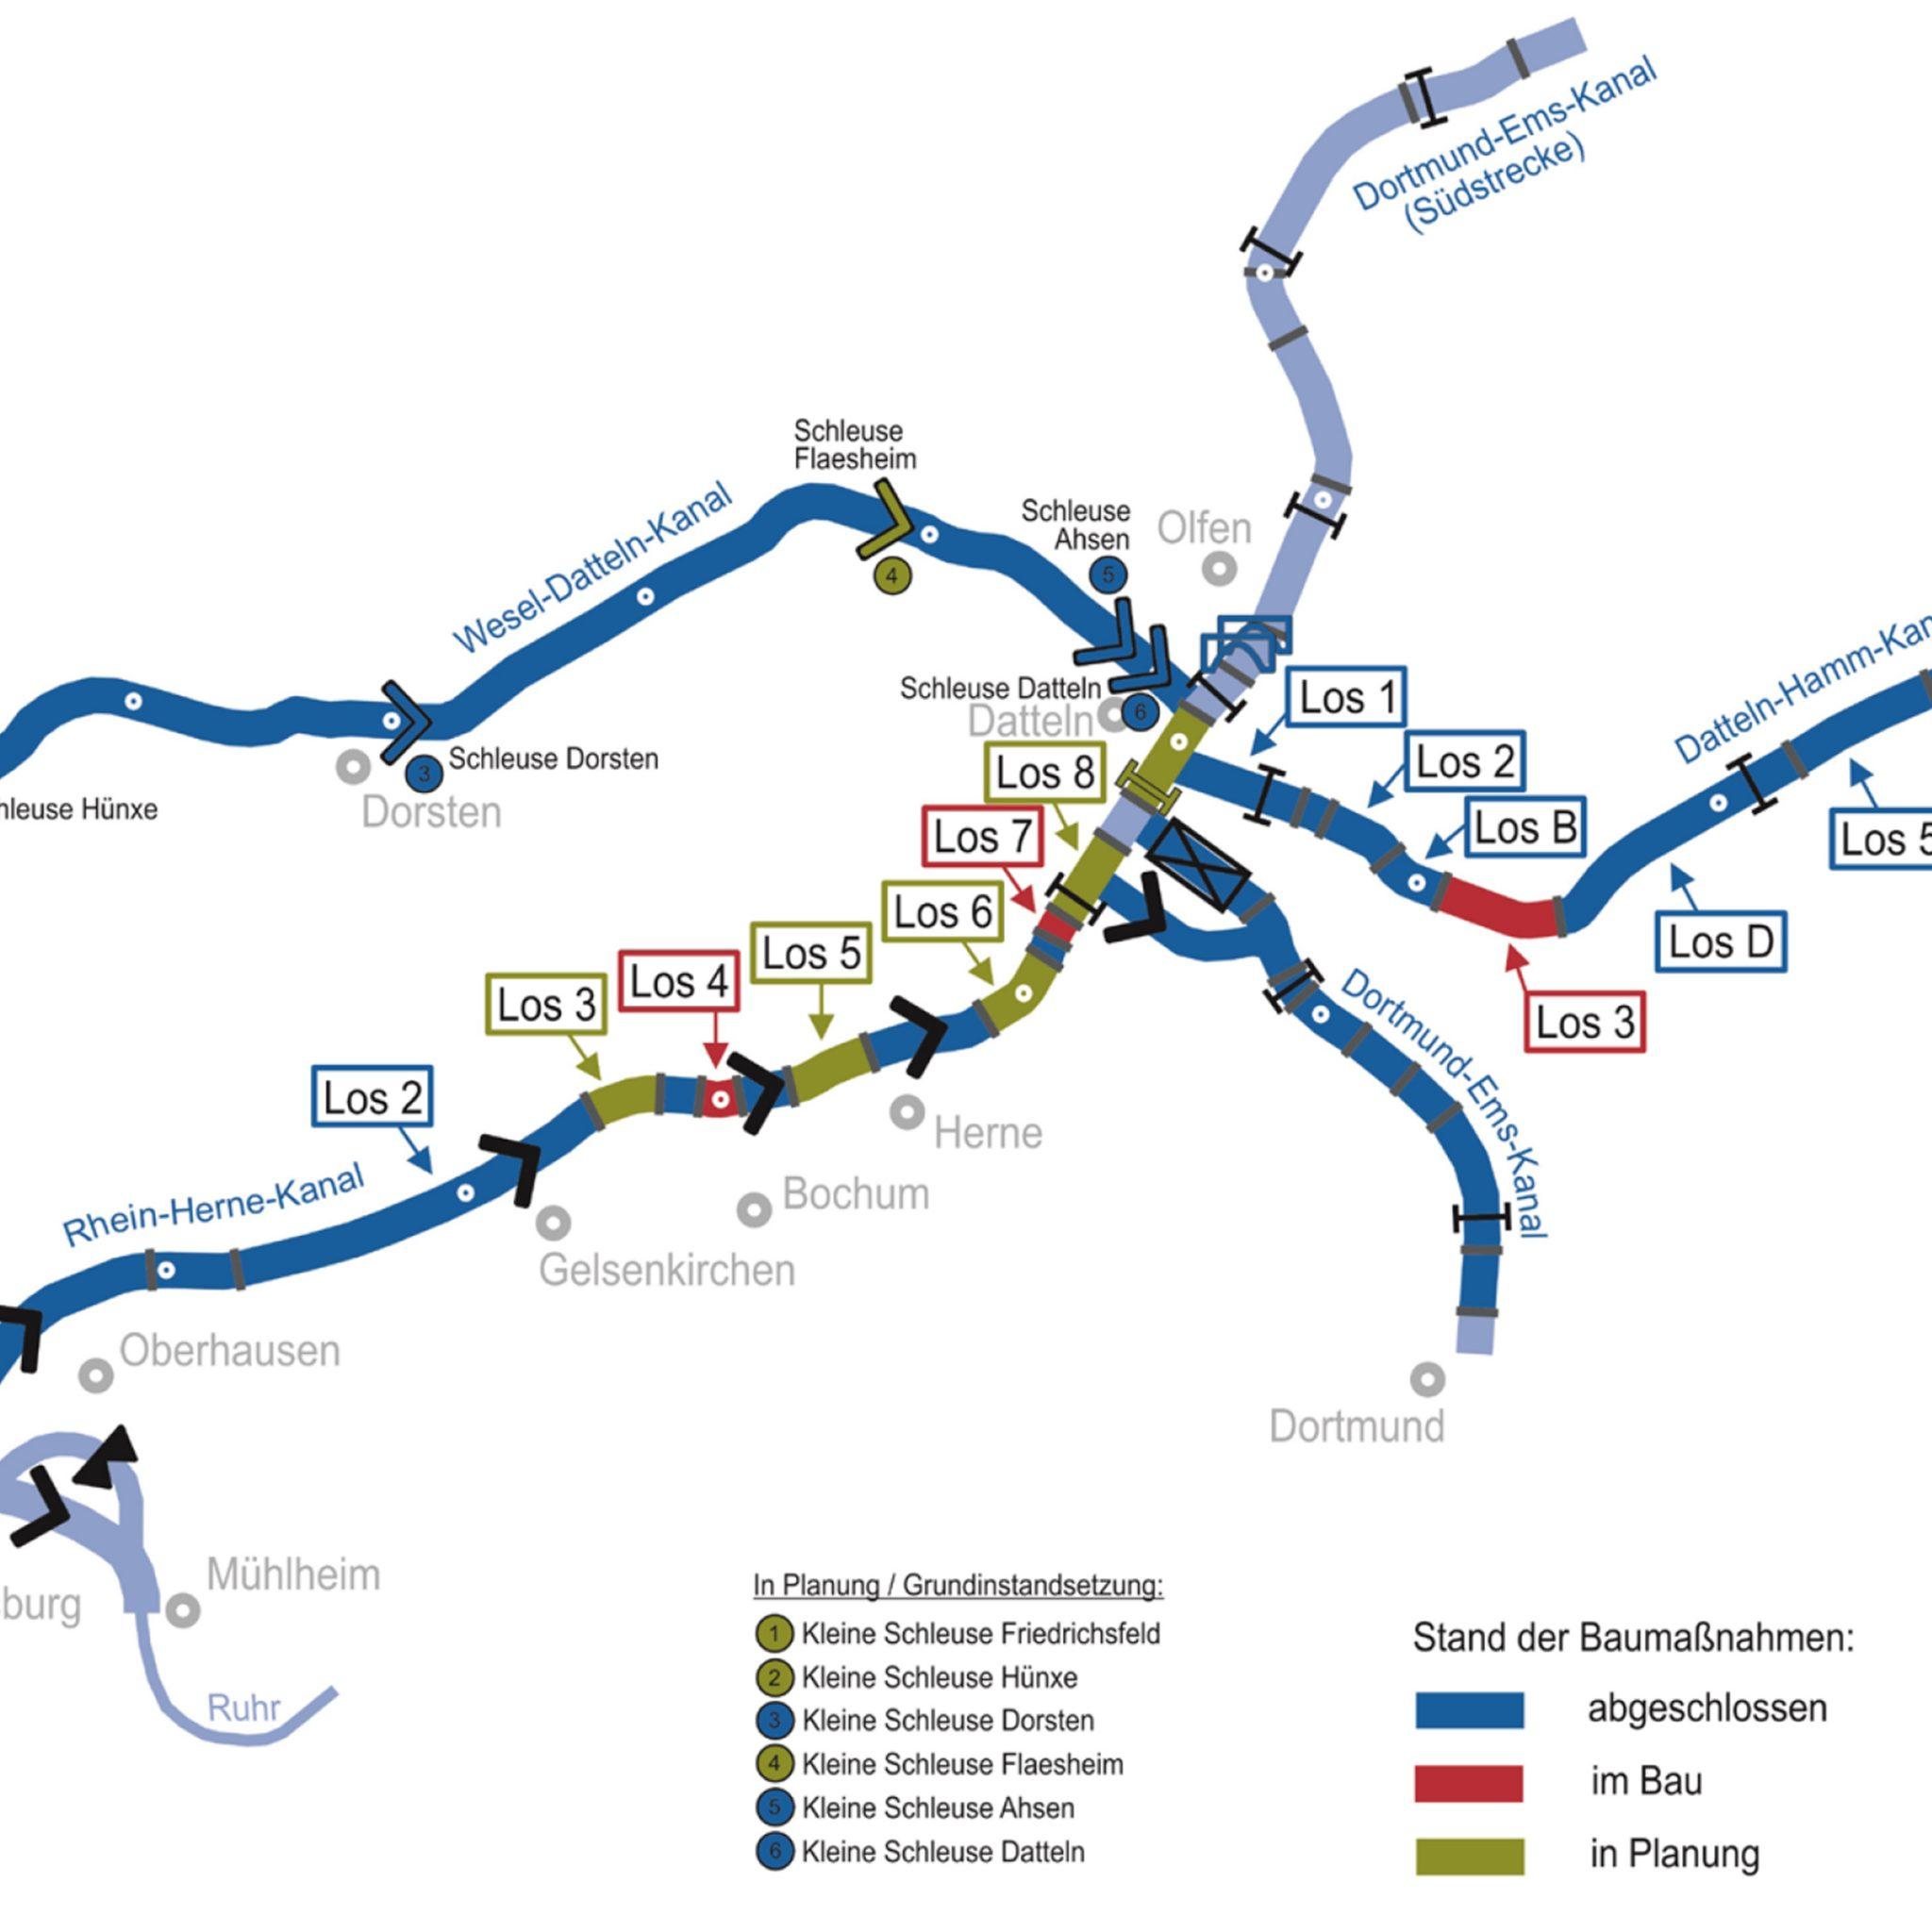 Om de binnenvaart de ruimte te geven worden het onder meer het Wesel-Dattelnkanaal, Rijn-Hernekanaal, Datteln-Hammkanaal en Dortmund-Emskanaal aangepakt.